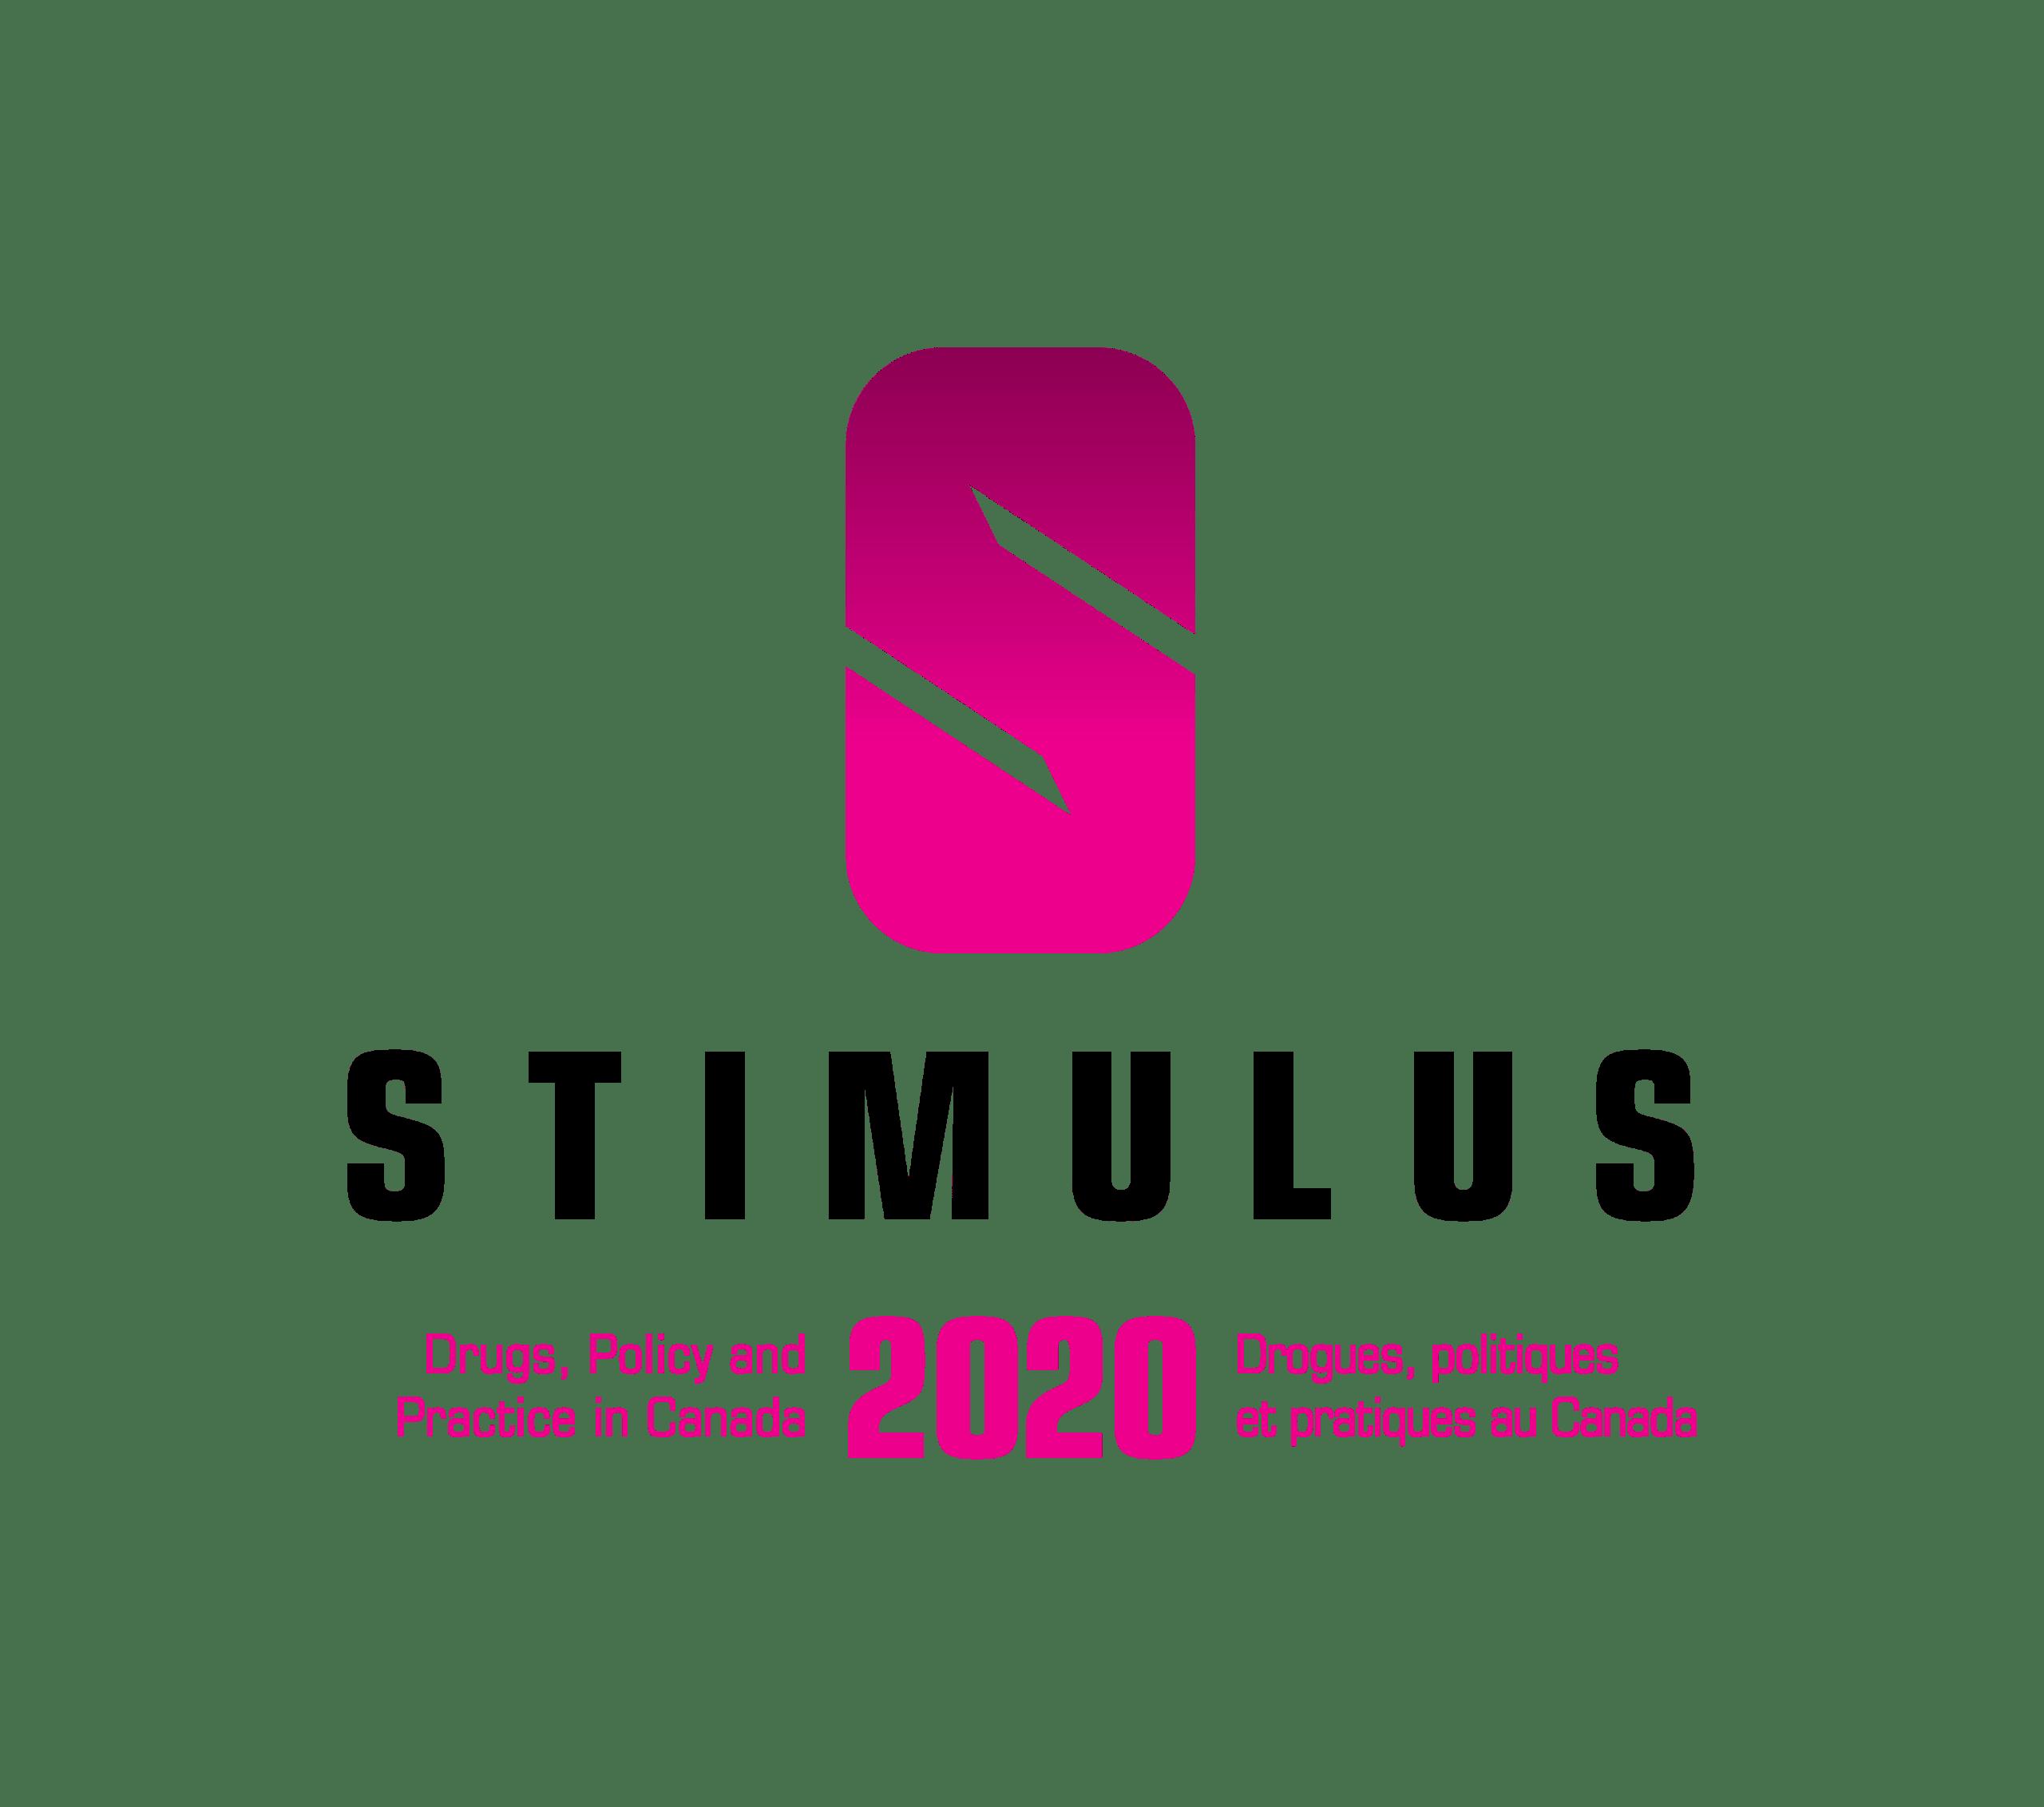 logo-stimulus-2020